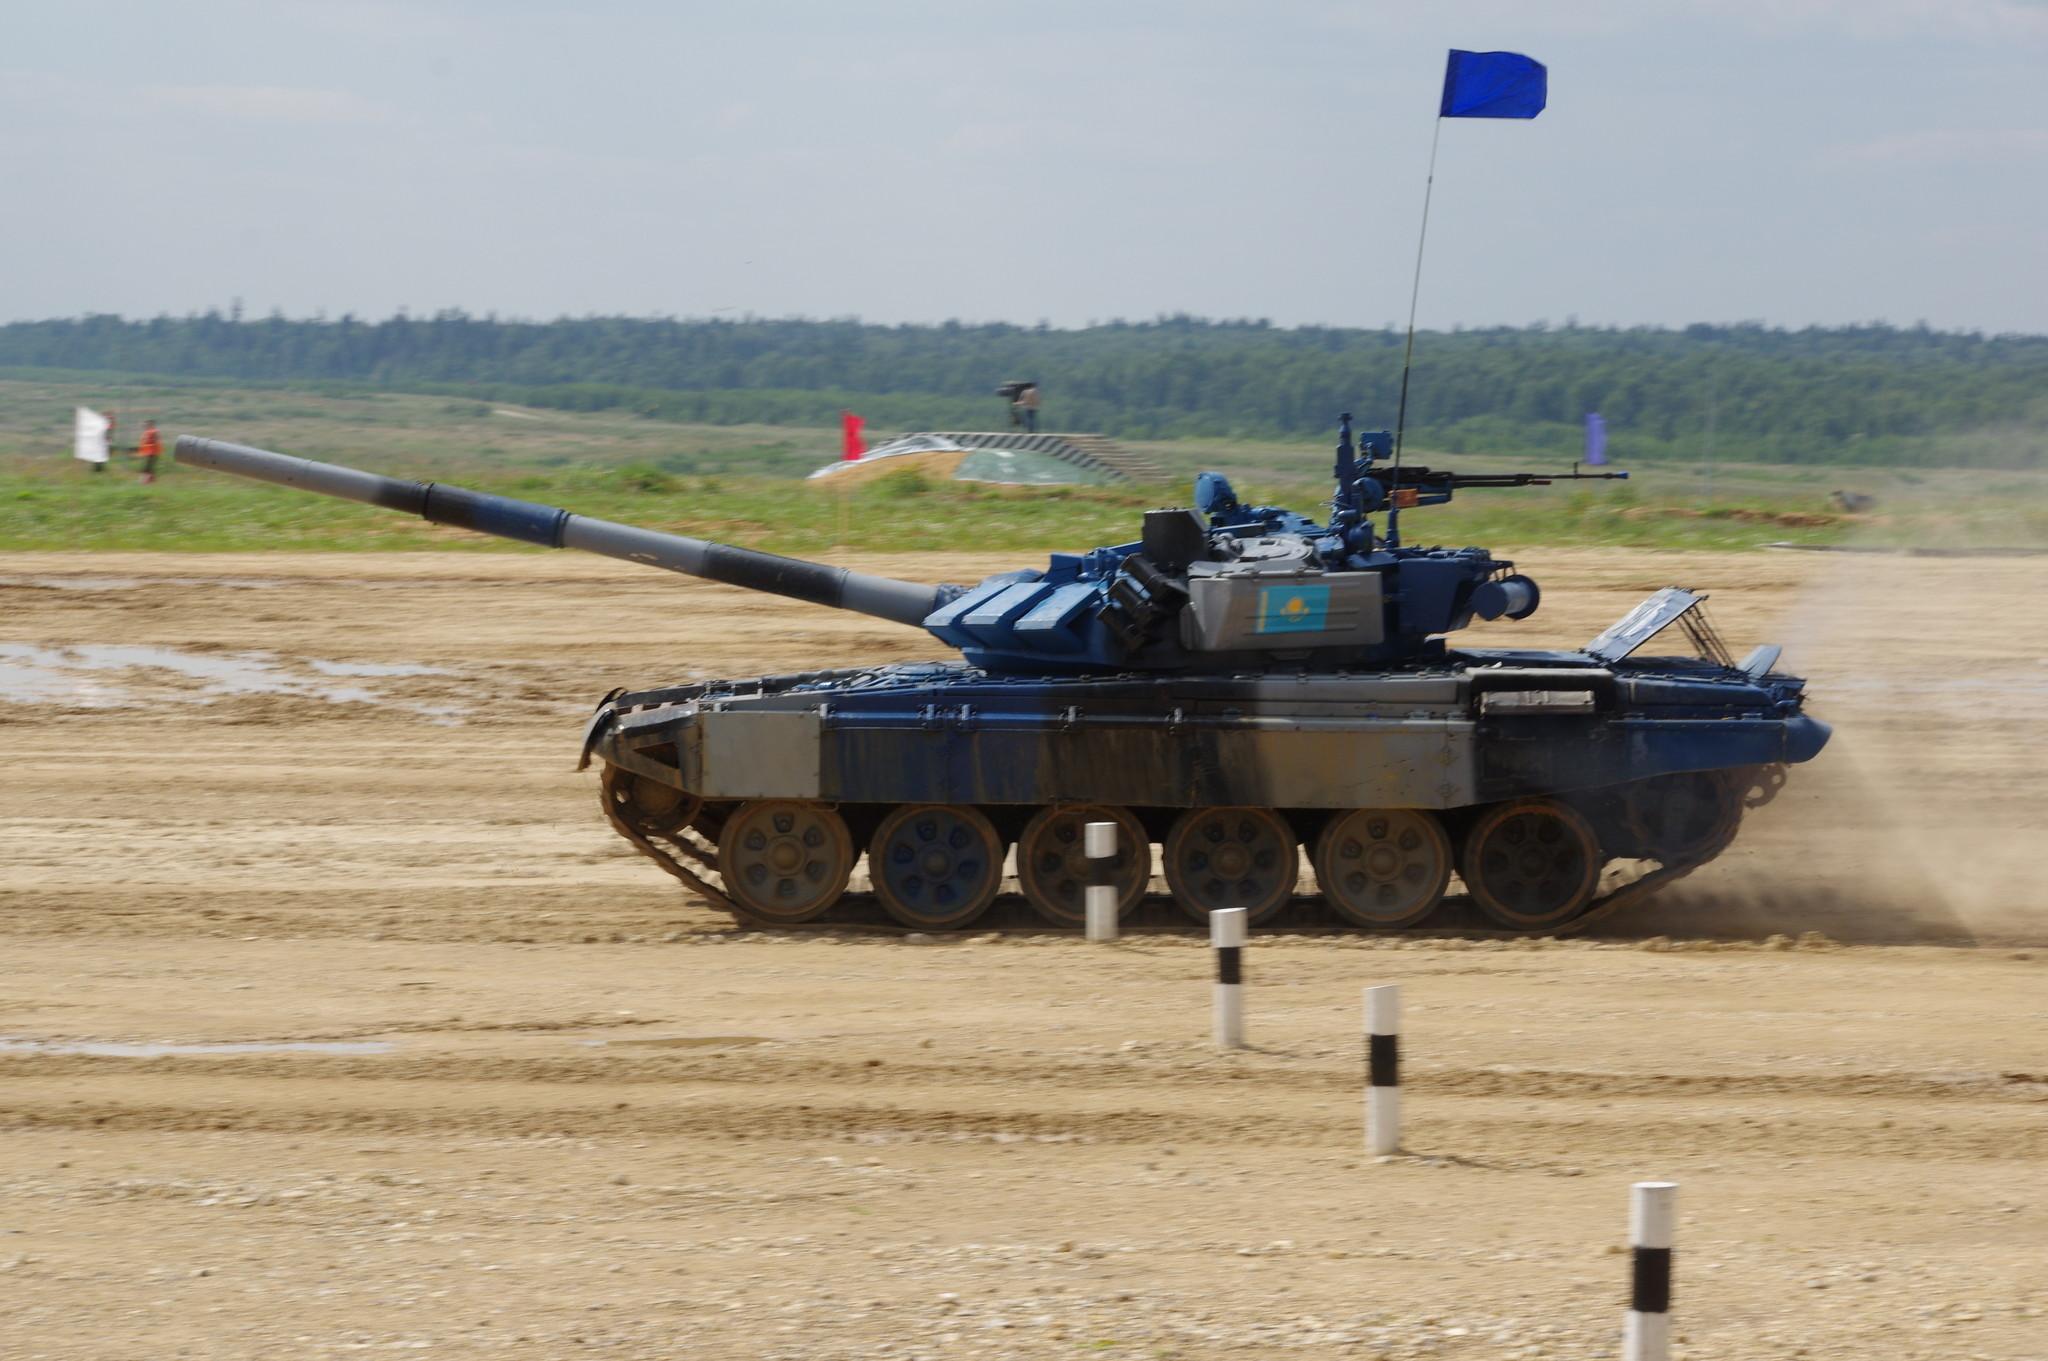 В заезде участвует экипаж из Казахстана на боевом танке Т-72Б3